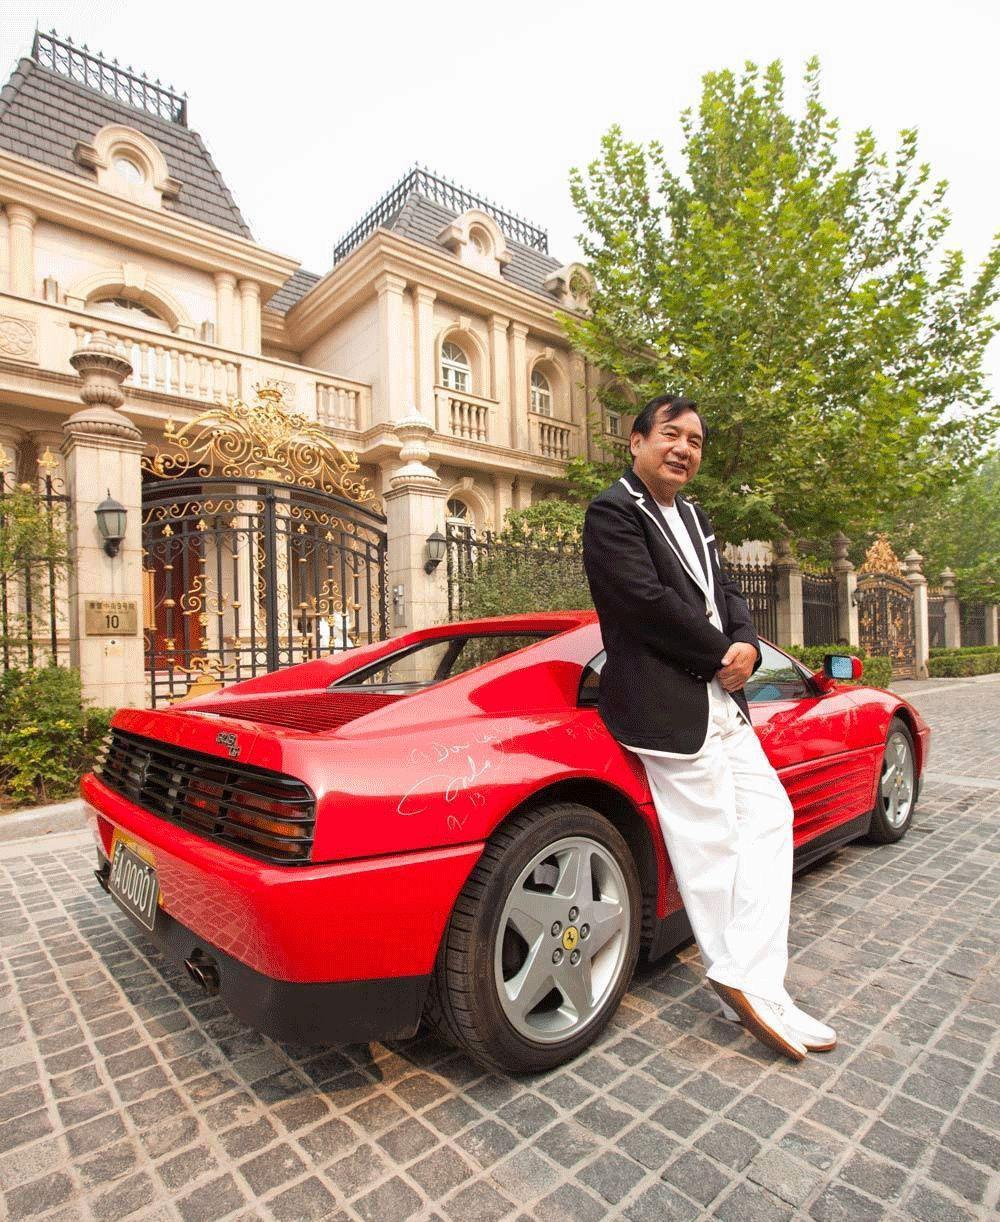 中国第一批法拉利、劳斯莱斯、迈巴赫车主,现在怎么样了?